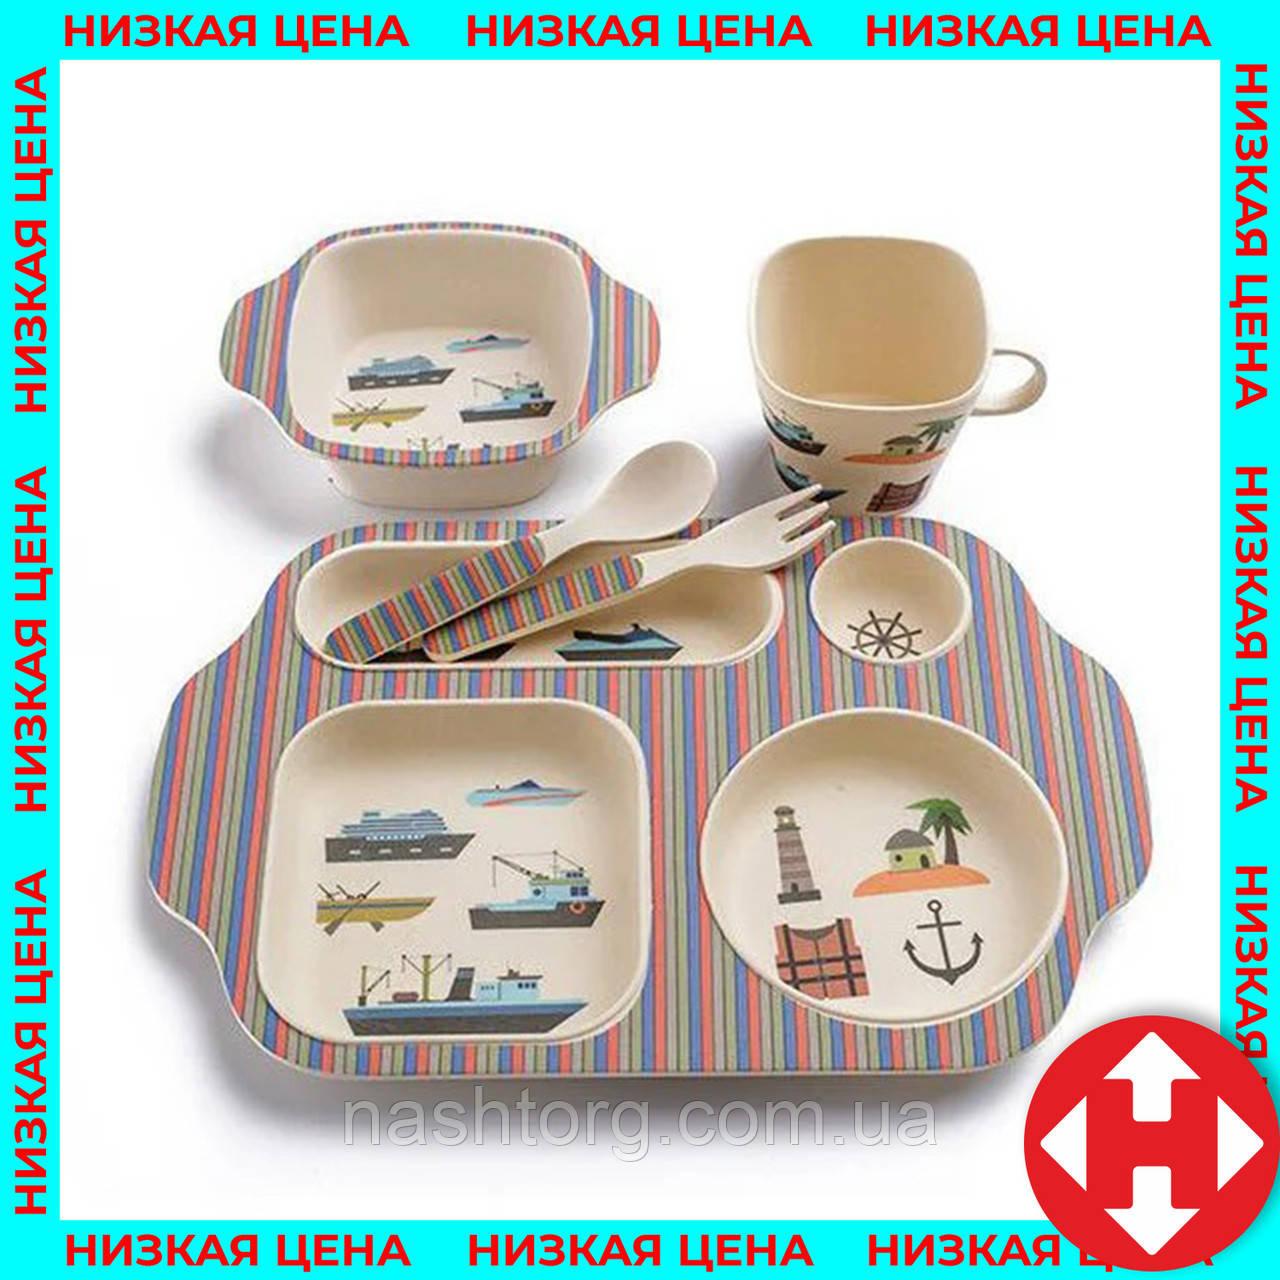 Набор детской посуды, из бамбукового волокна, экологическая посуда, 5 предметов, расцветка - Корабли